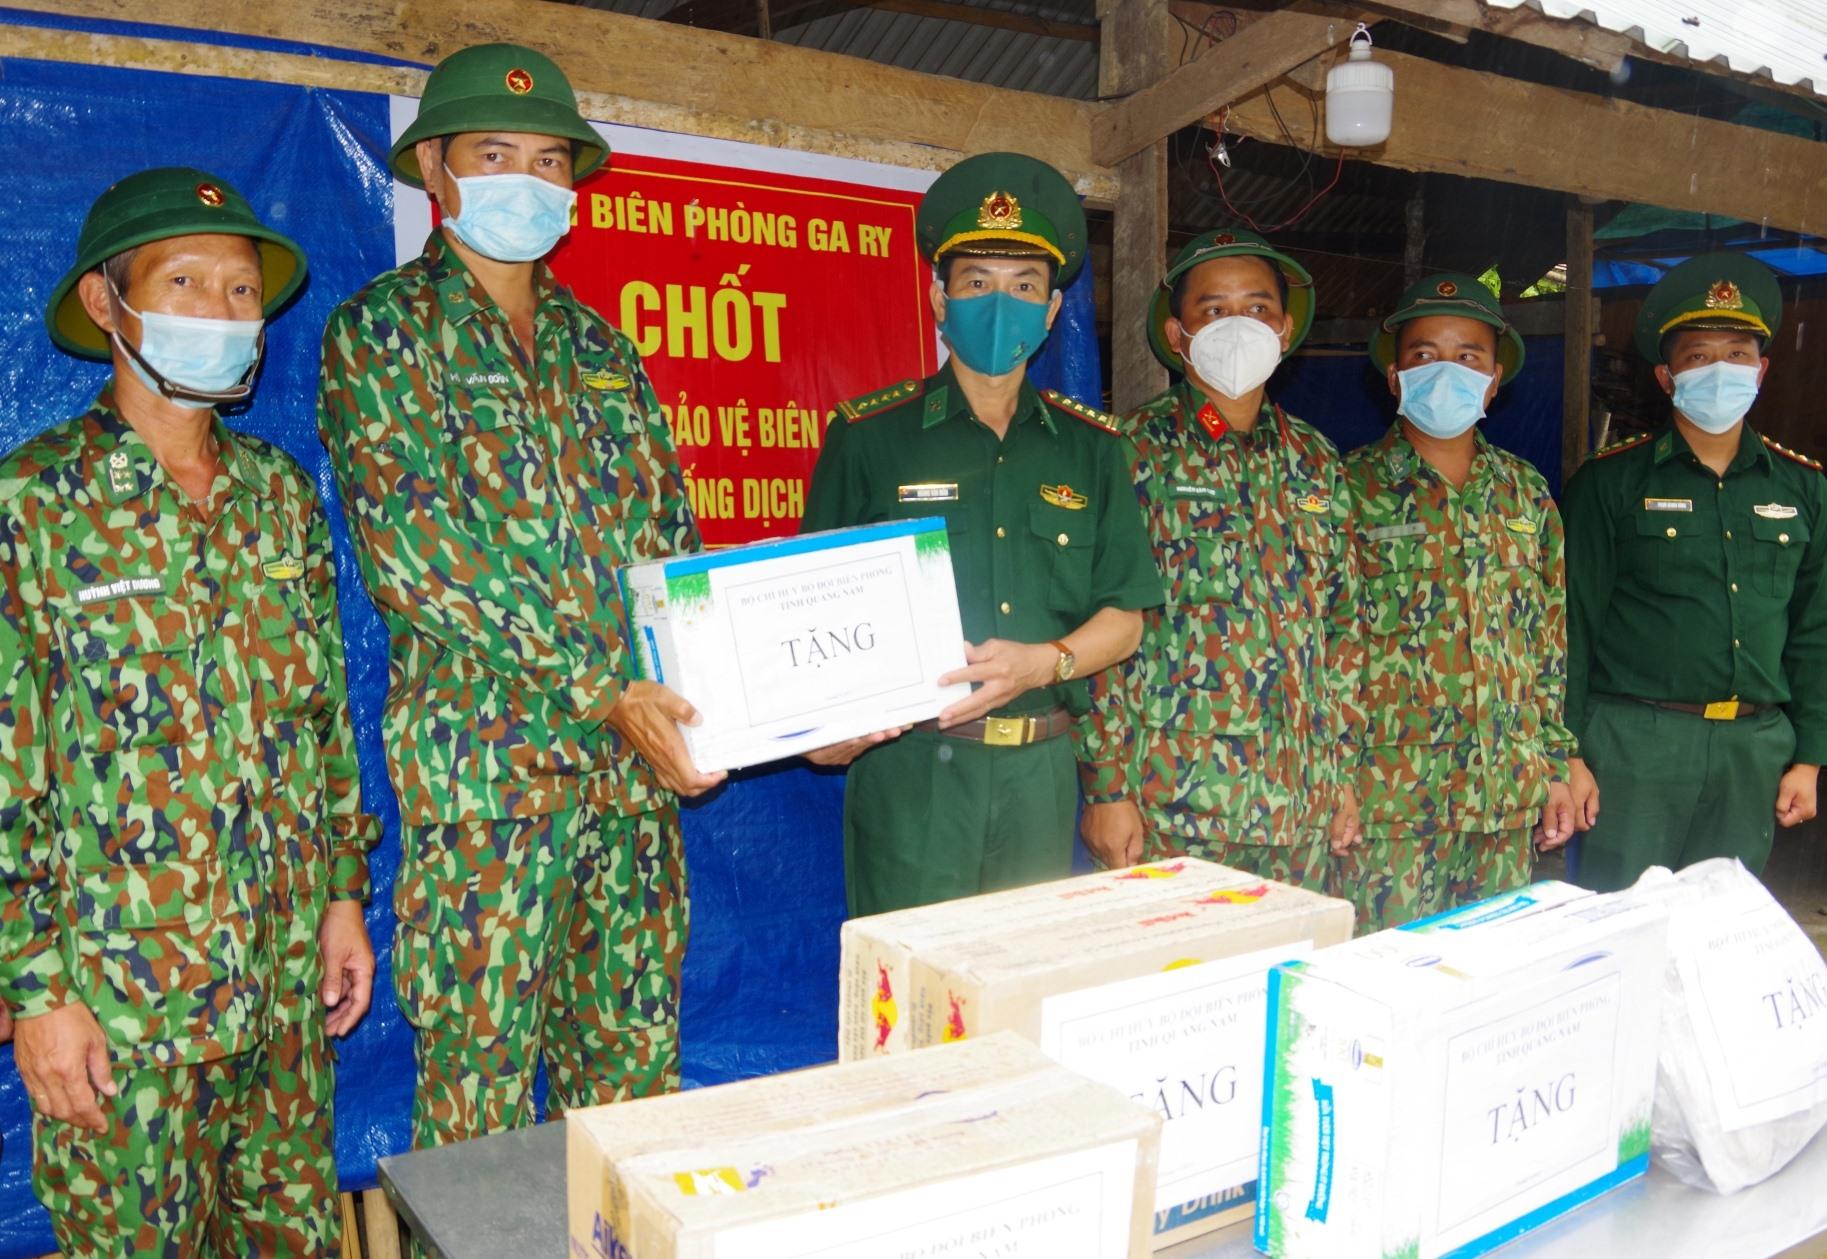 Đại tá Hoàng Văn Mẫn – Chính ủy Bộ đội Biên phòng tỉnh tặng quà cho lực lượng điểm cắm chốt bảo vệ biên giới và phòng chống dịch Covid-19 của Đồn Biên phòng Ga Ry.